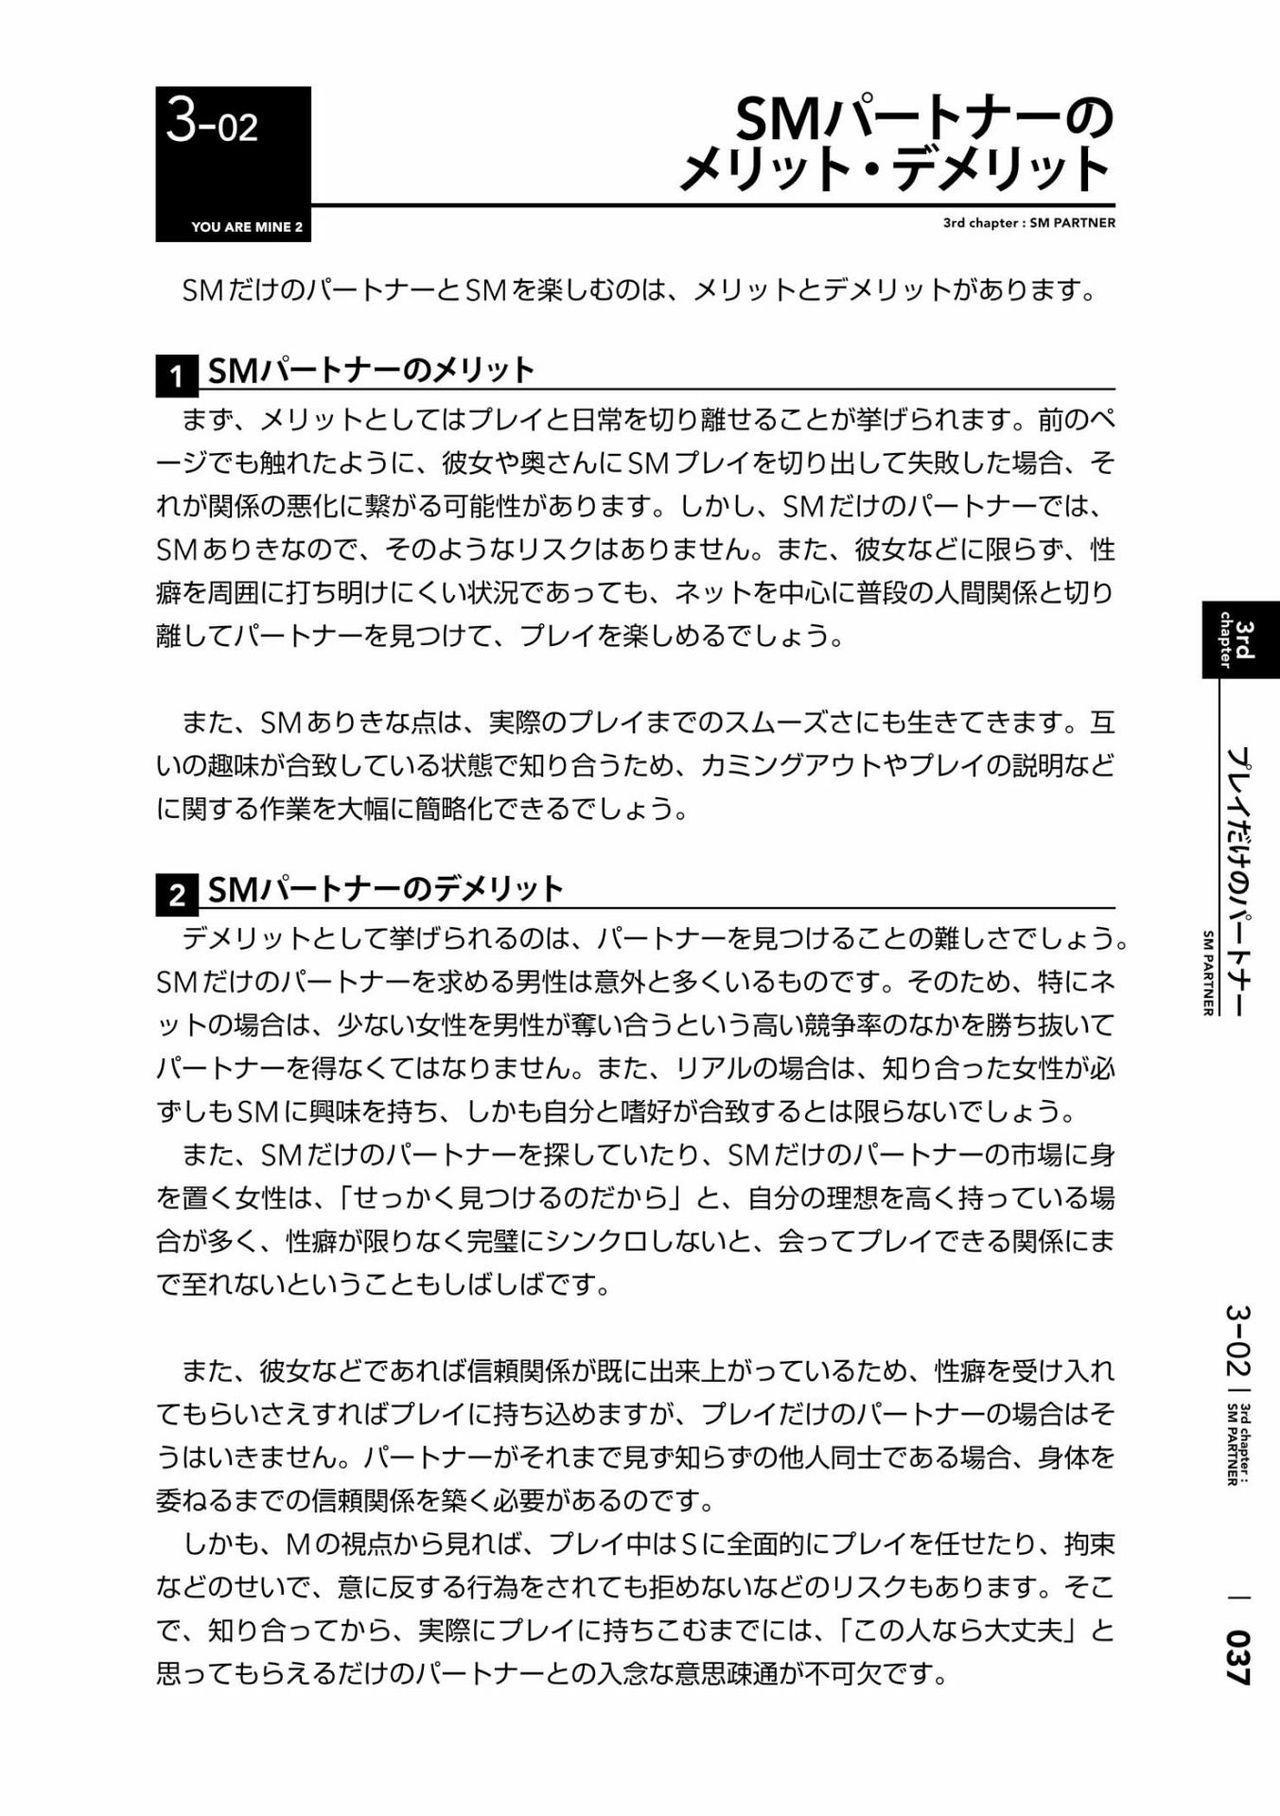 [Mitsuba] Karada mo Kokoro mo Boku no Mono ~Hajimete no SM Guide~ 2 [Digital] 39